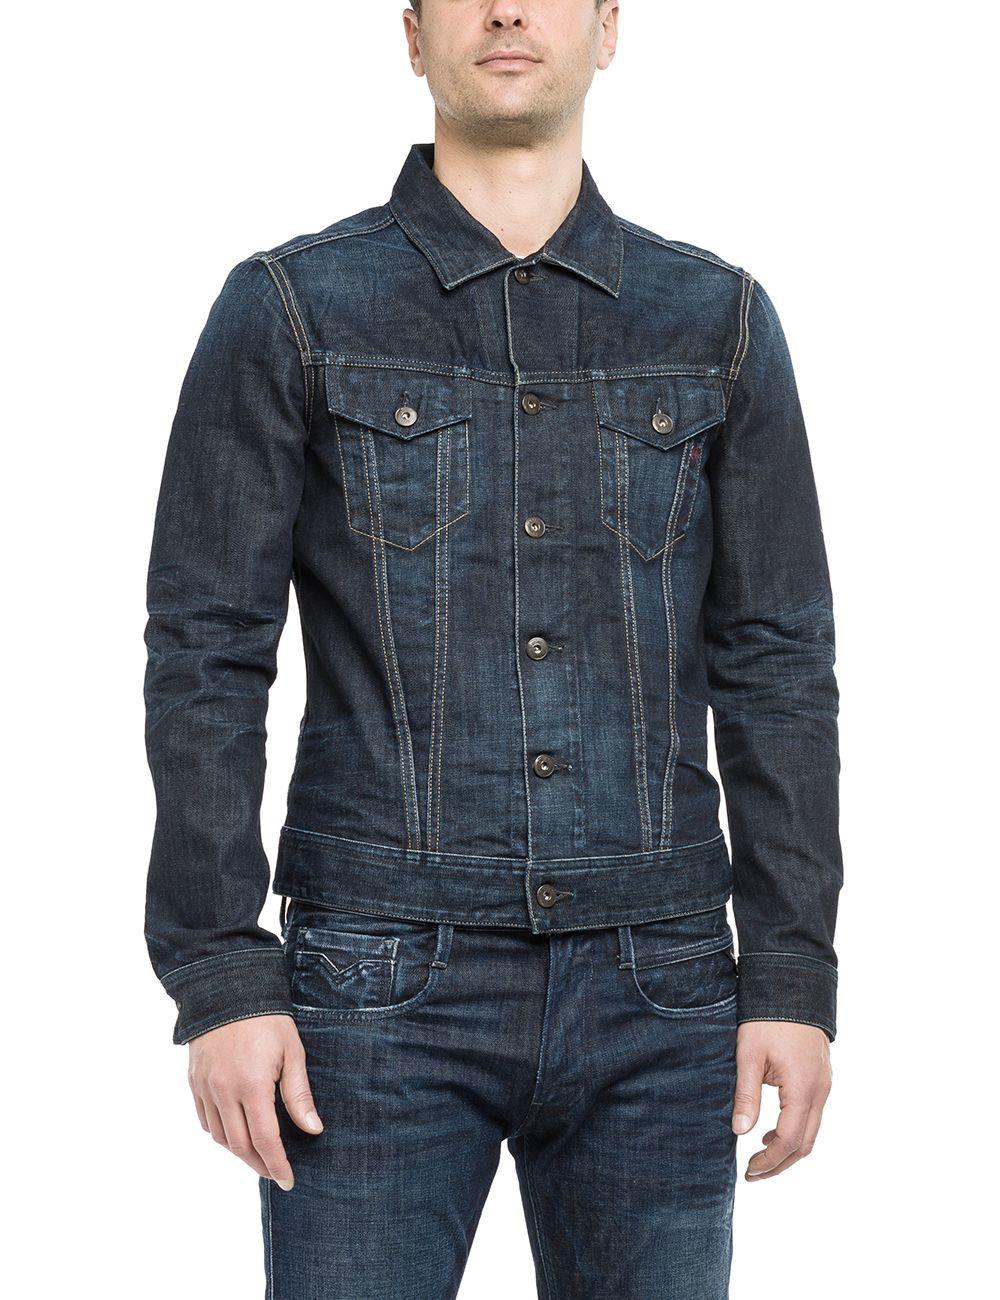 replay jeansjacke damen kollektion 1 leichte jacke jacket. Black Bedroom Furniture Sets. Home Design Ideas